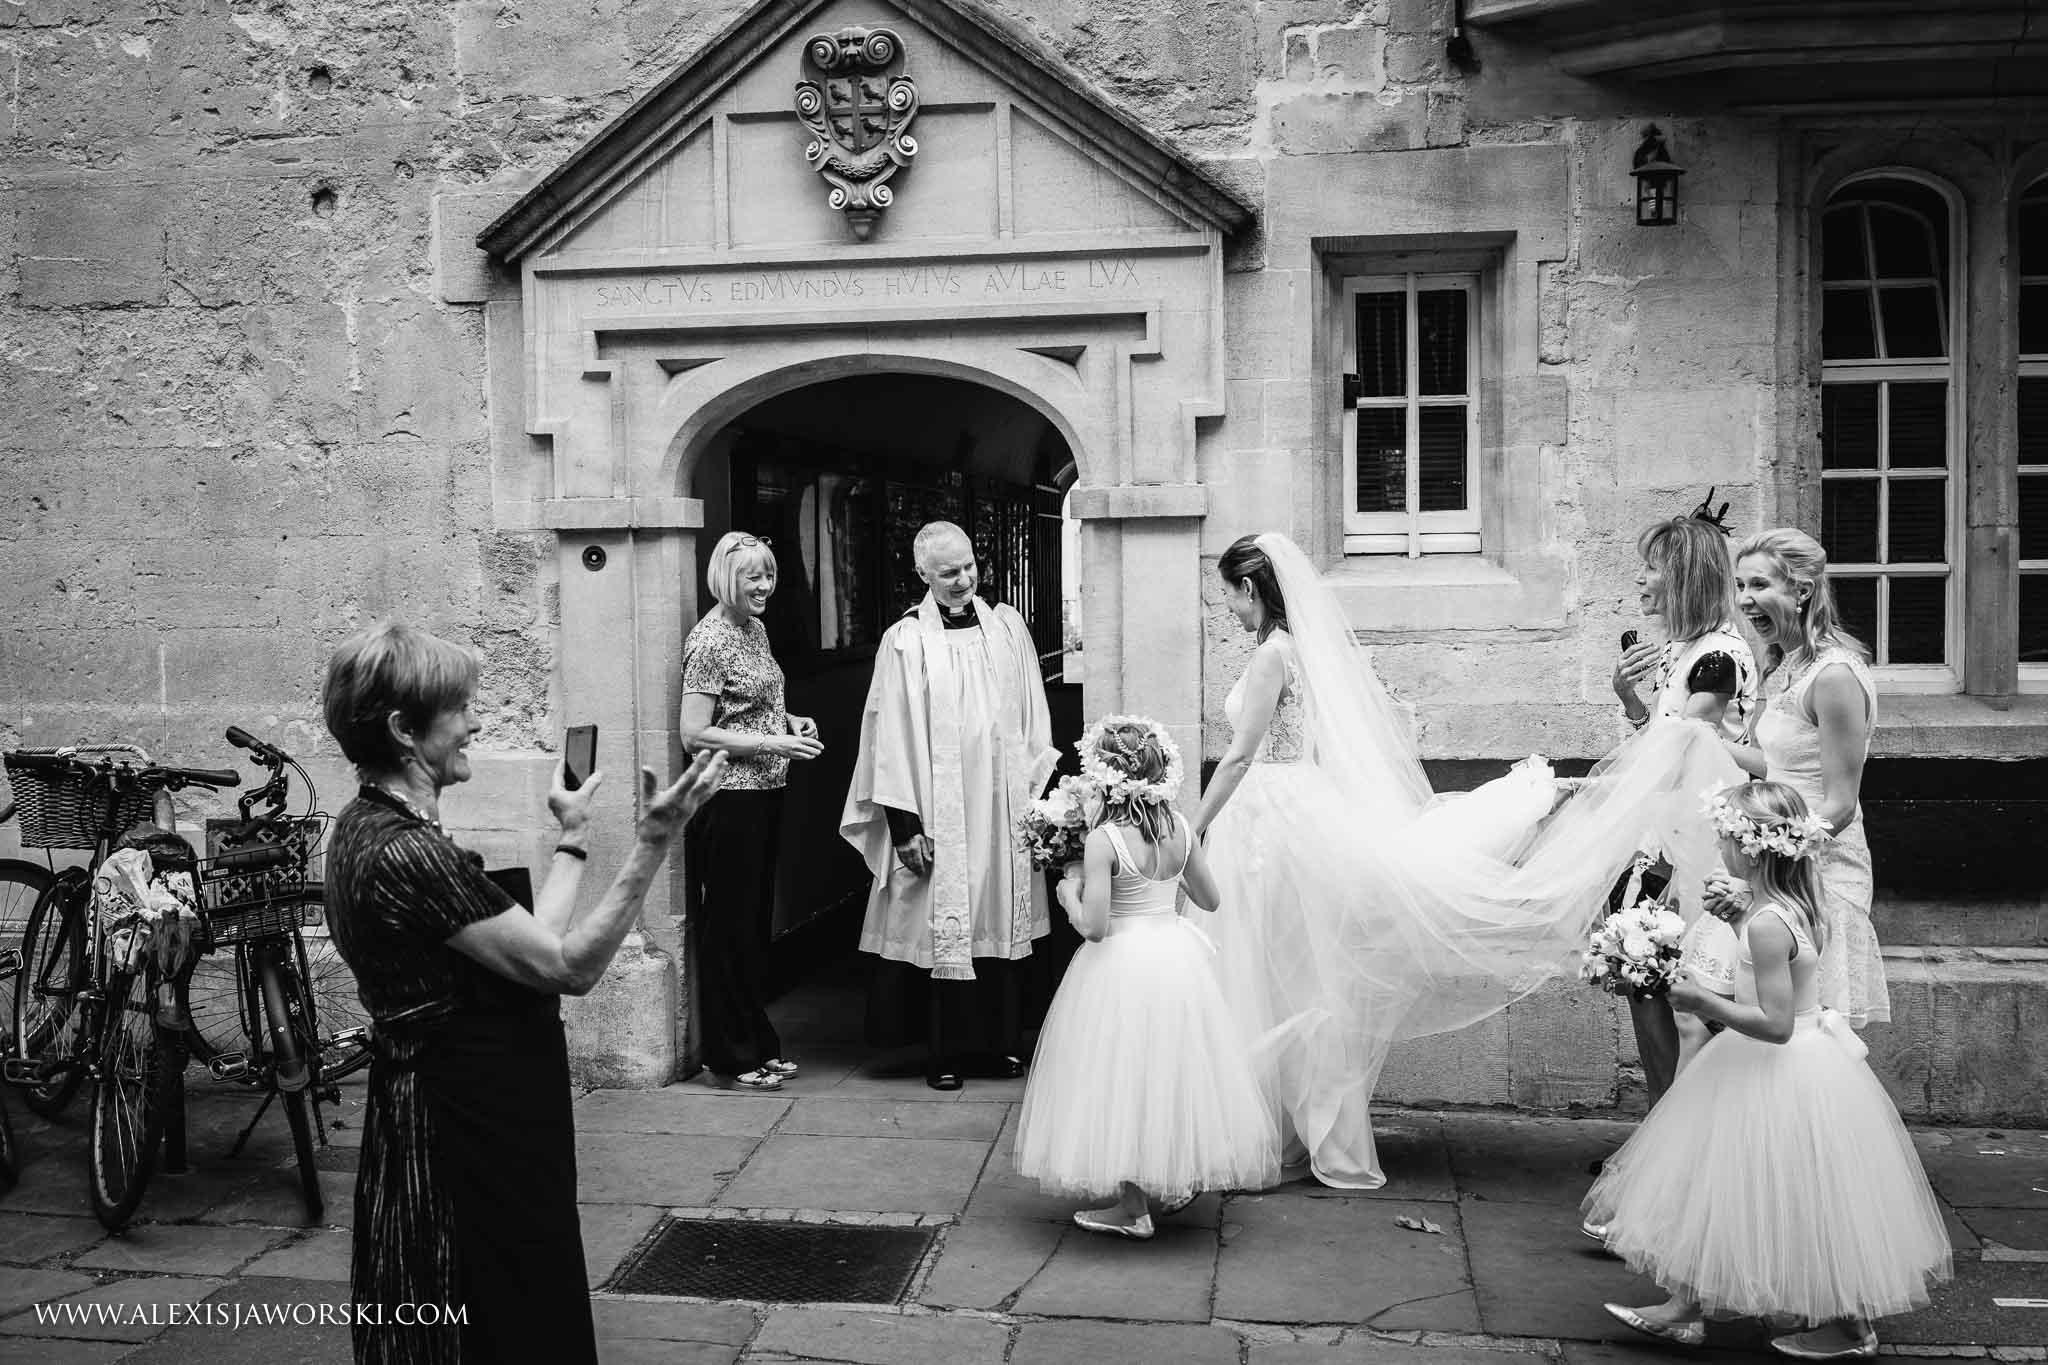 bride's arrival to the venue